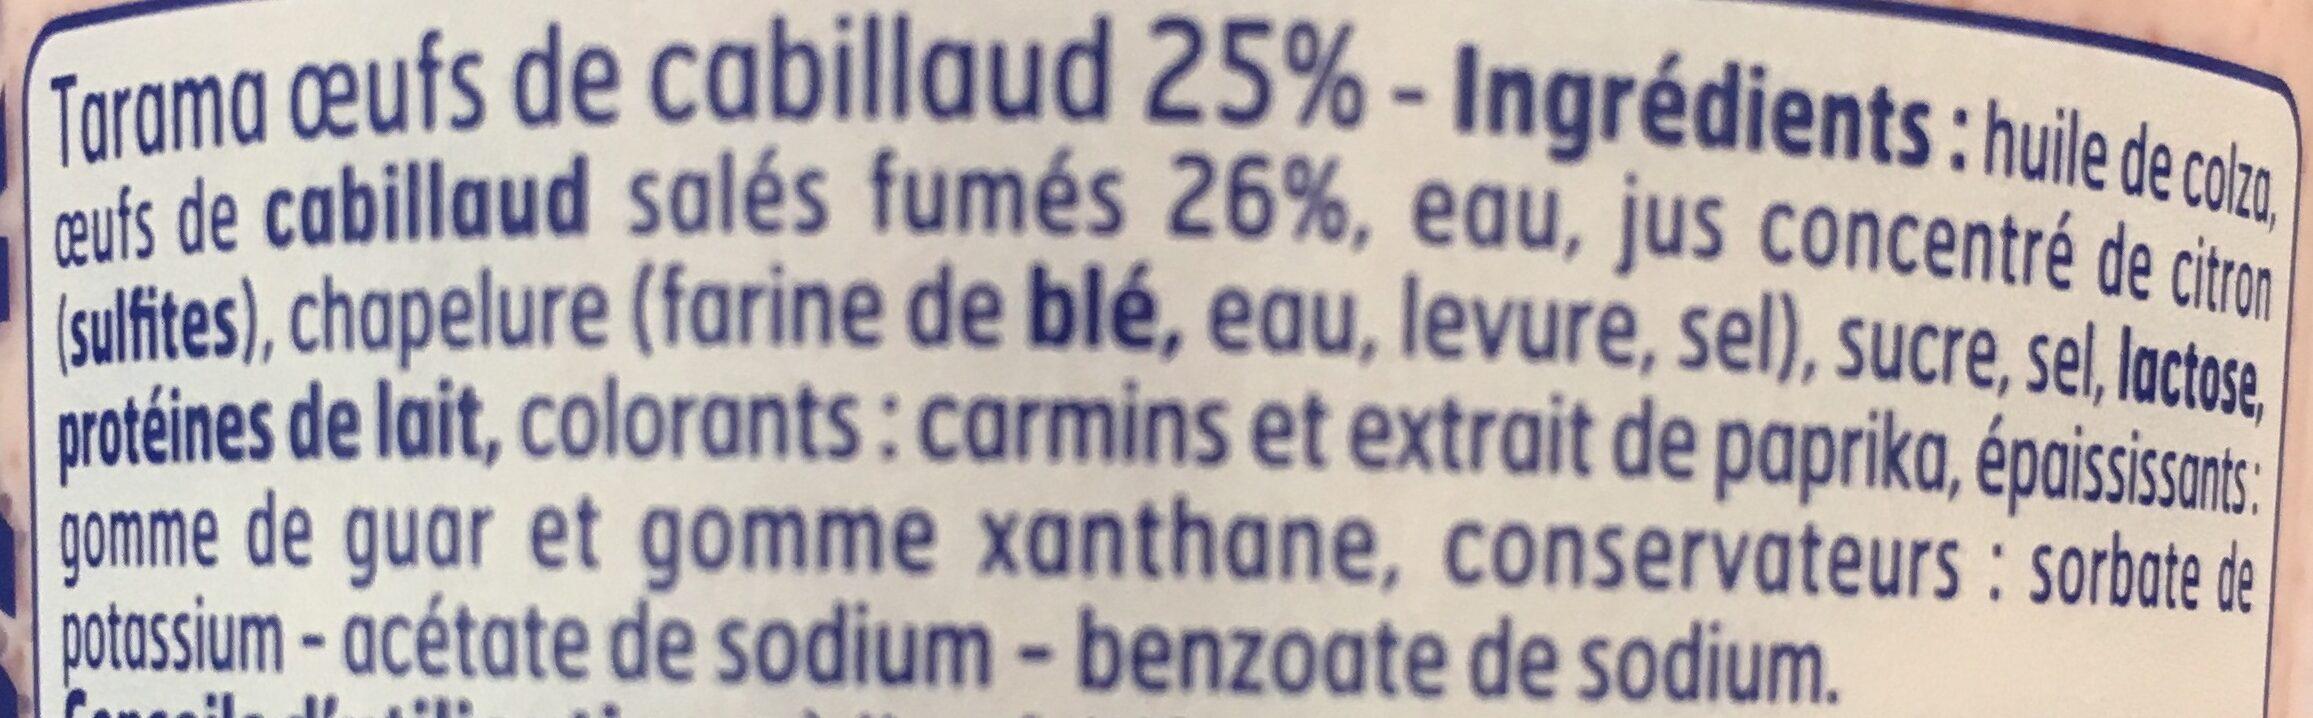 Tarama - Ingredients